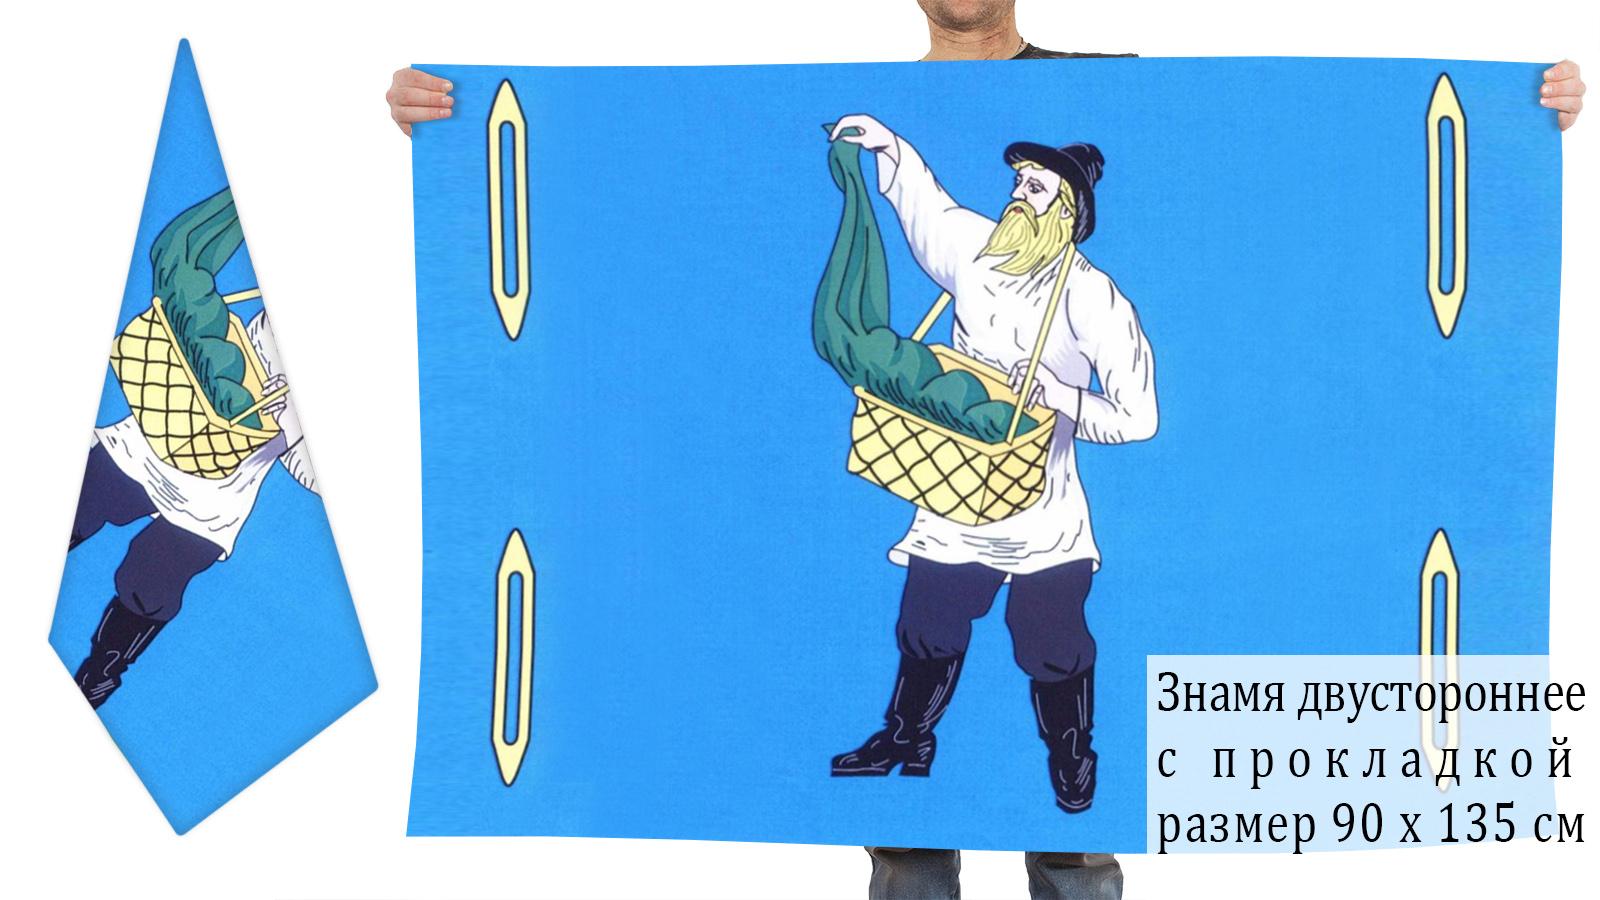 Двусторонний флаг Савинского района